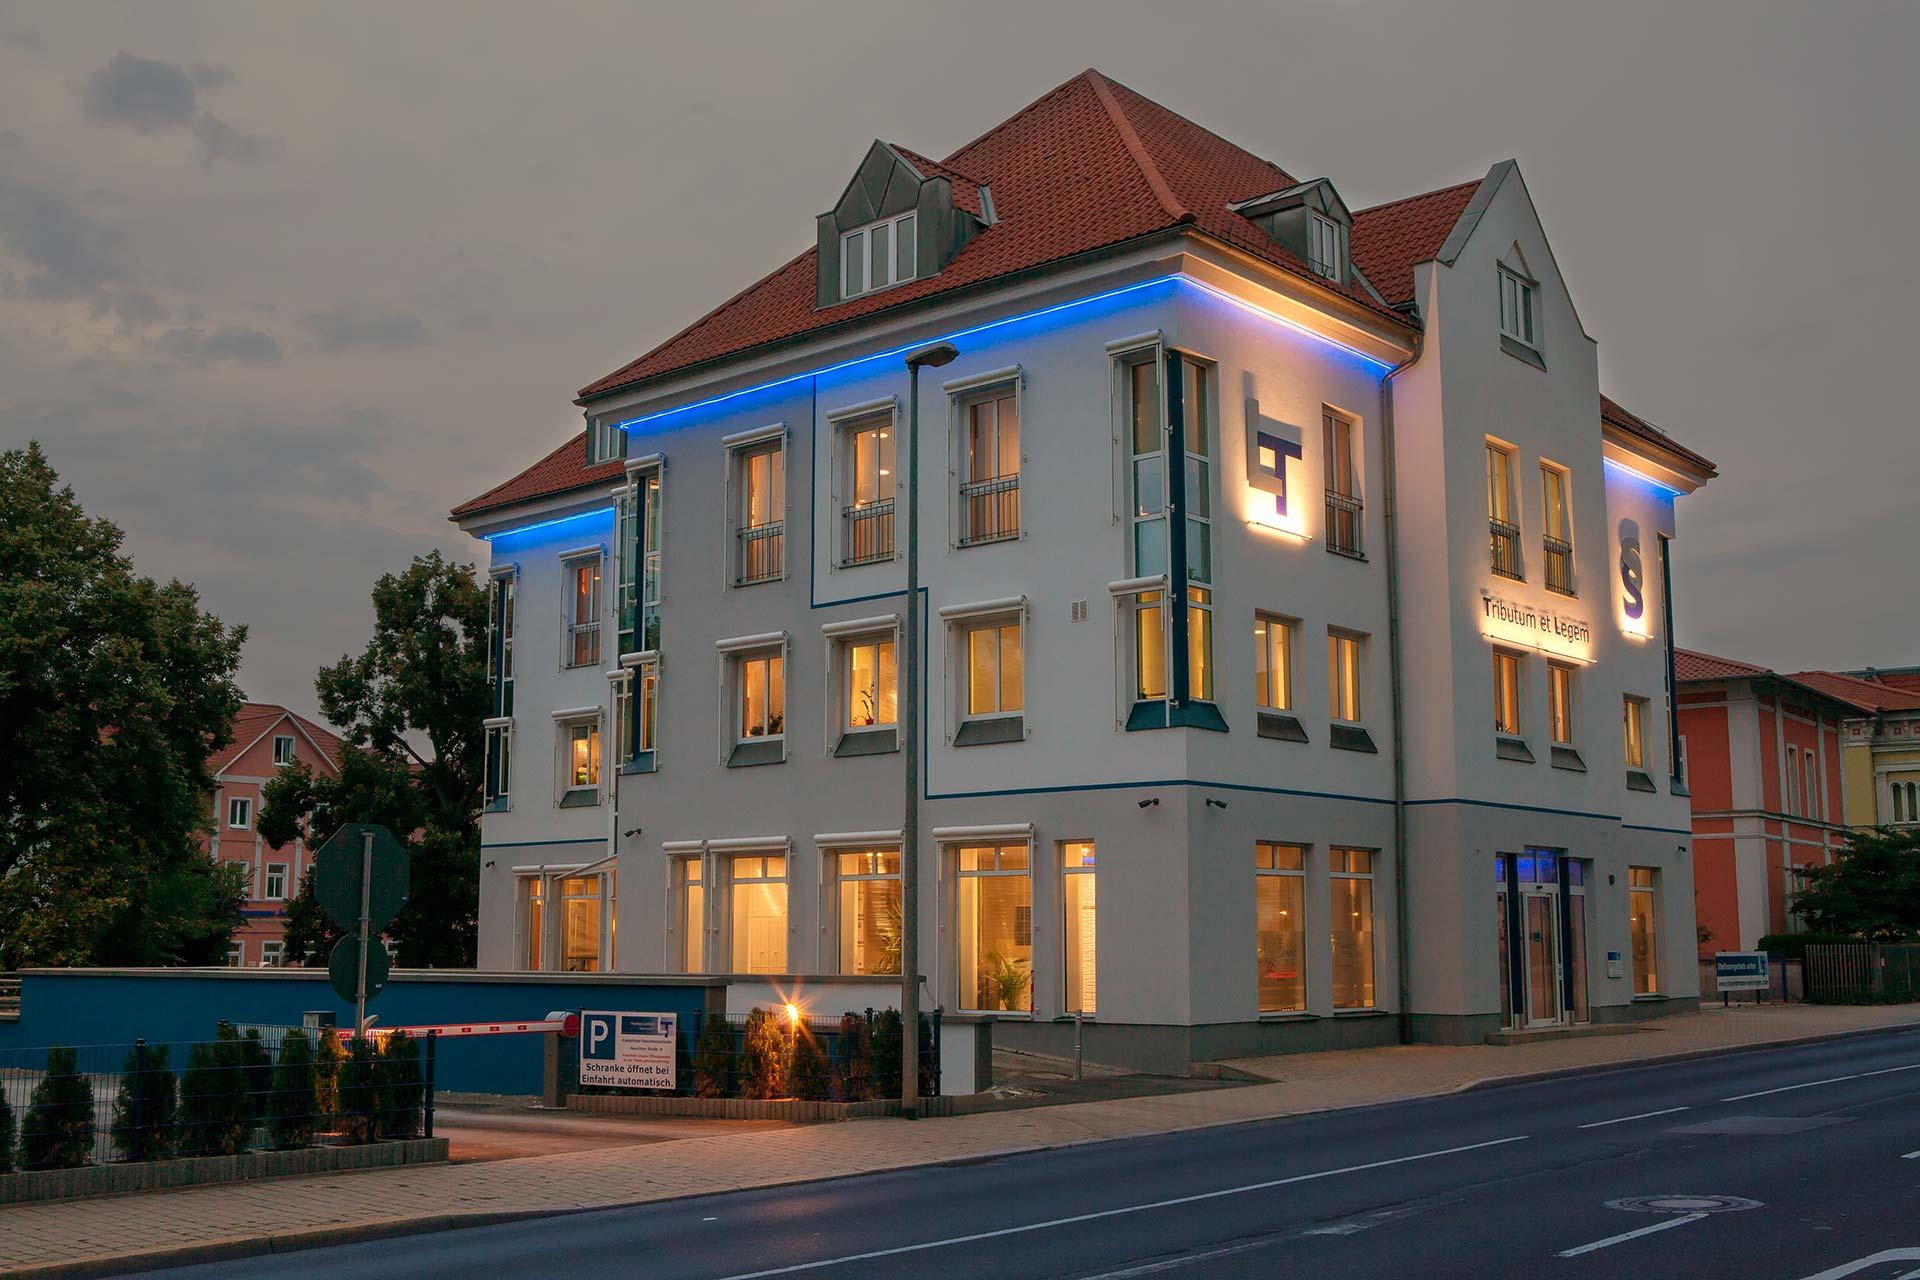 Neu-Ulmer Straße 10 in D-98617 Meiningen/Thüringen